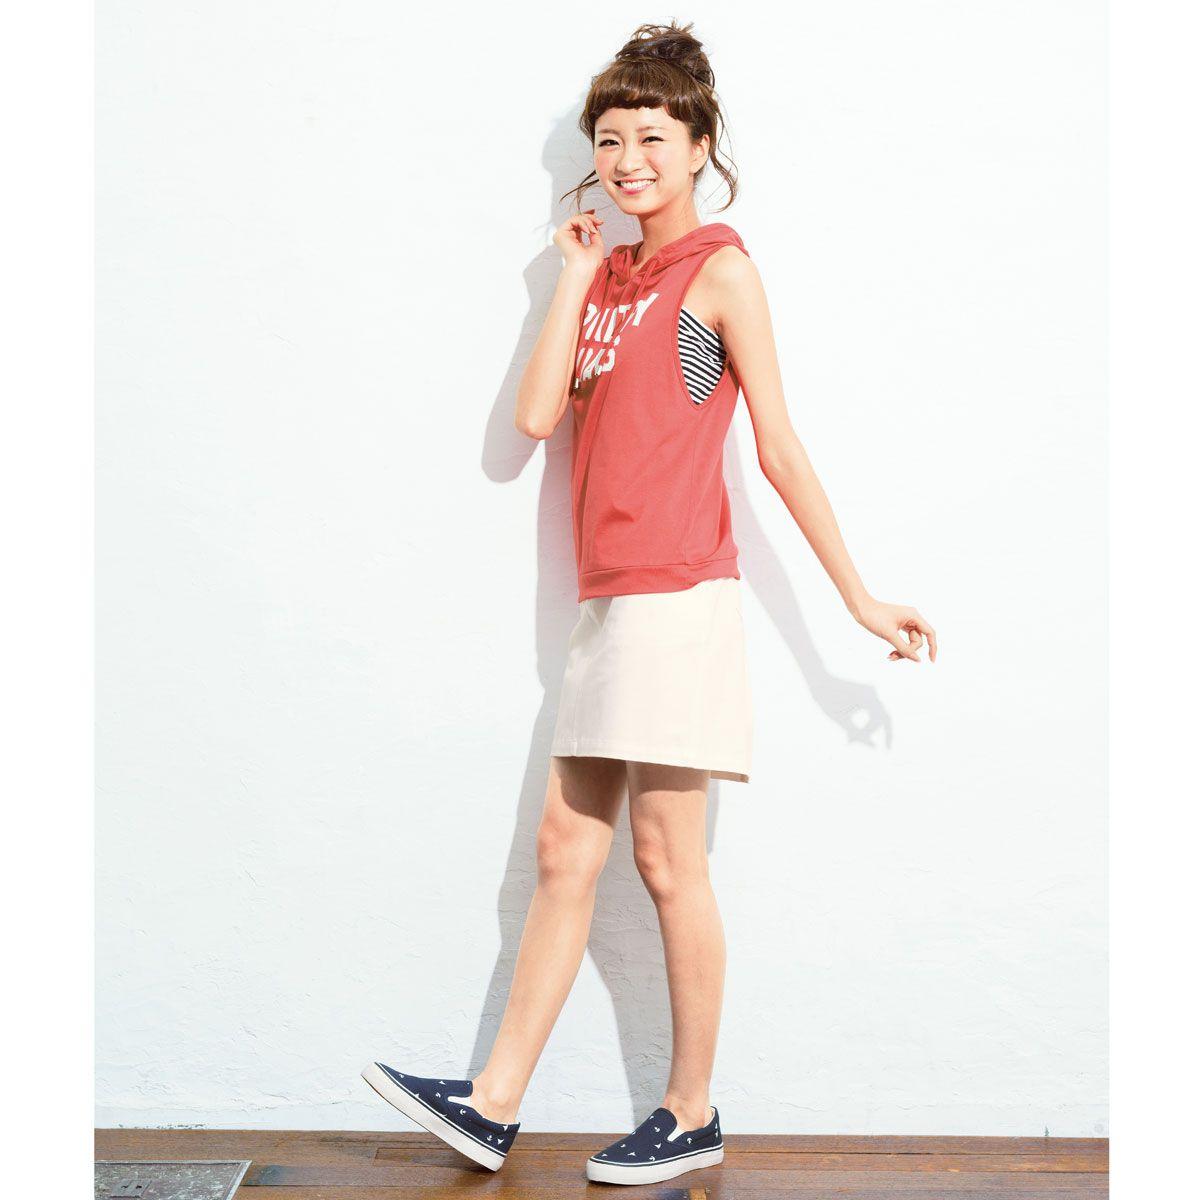 パーカ2点セット(パーカ+チューブトップ) 通販 【ニッセン】 ティーンズ トップス Tシャツ・カットソー